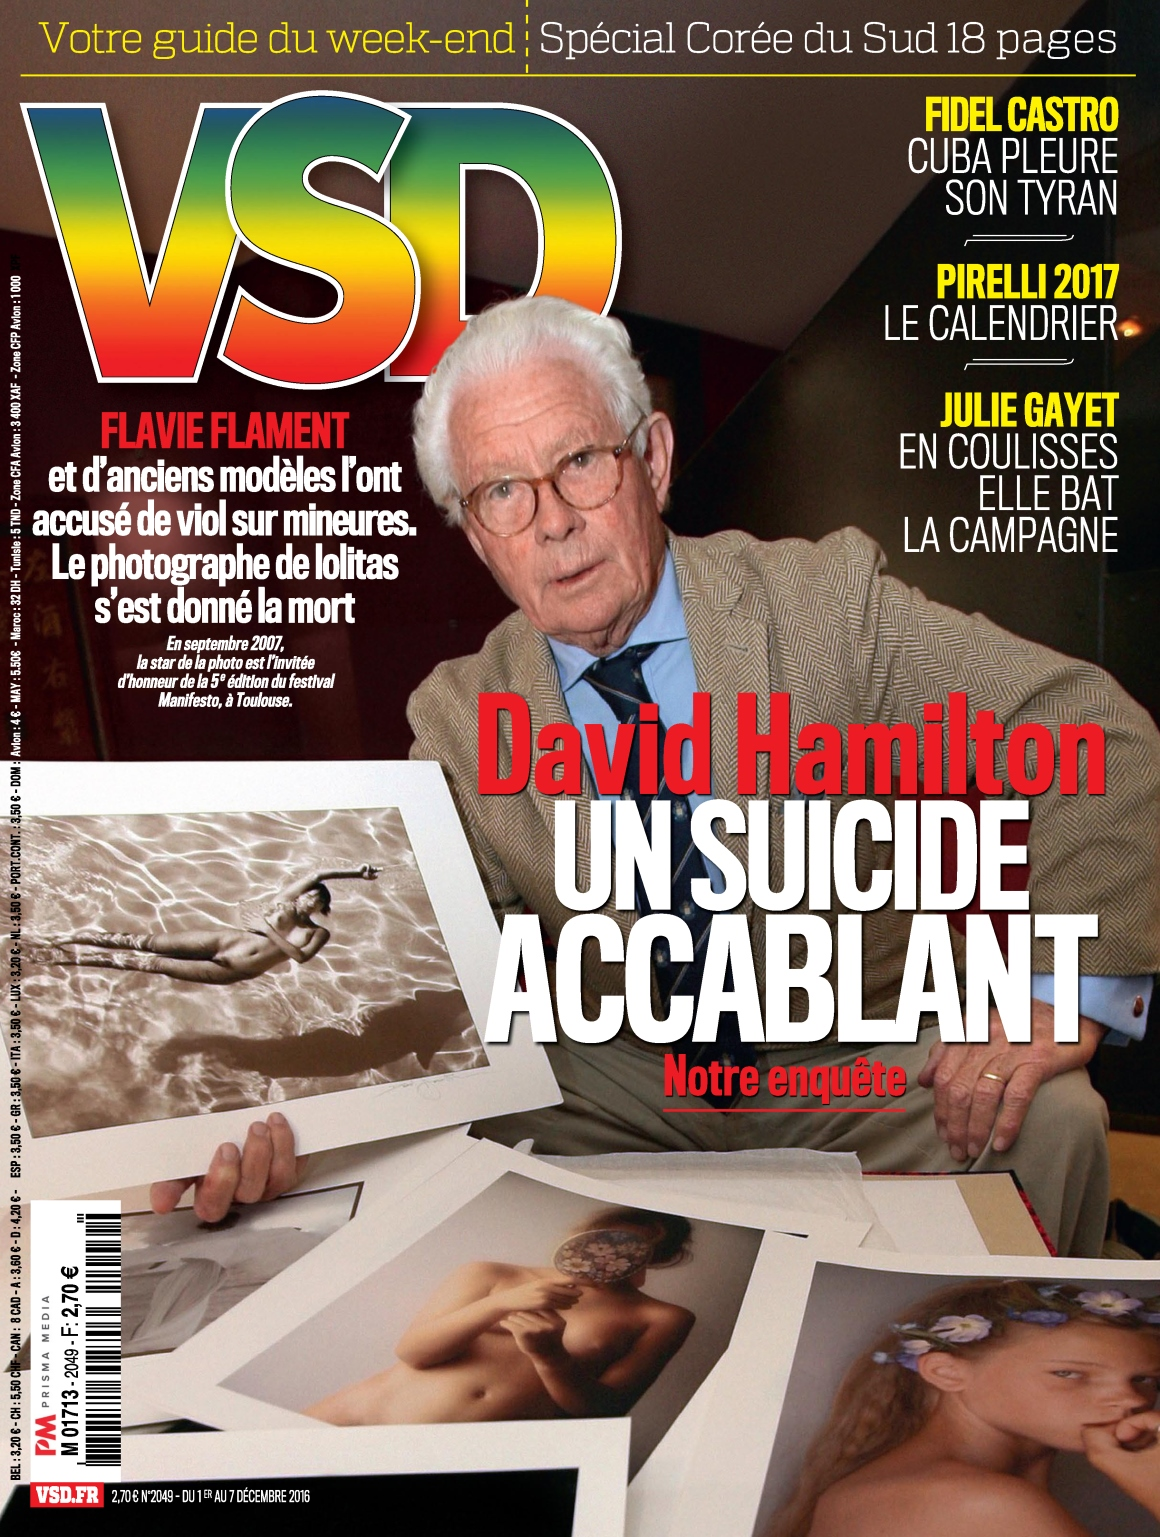 VSD 2049 - 1 au 7 Décembre 2016